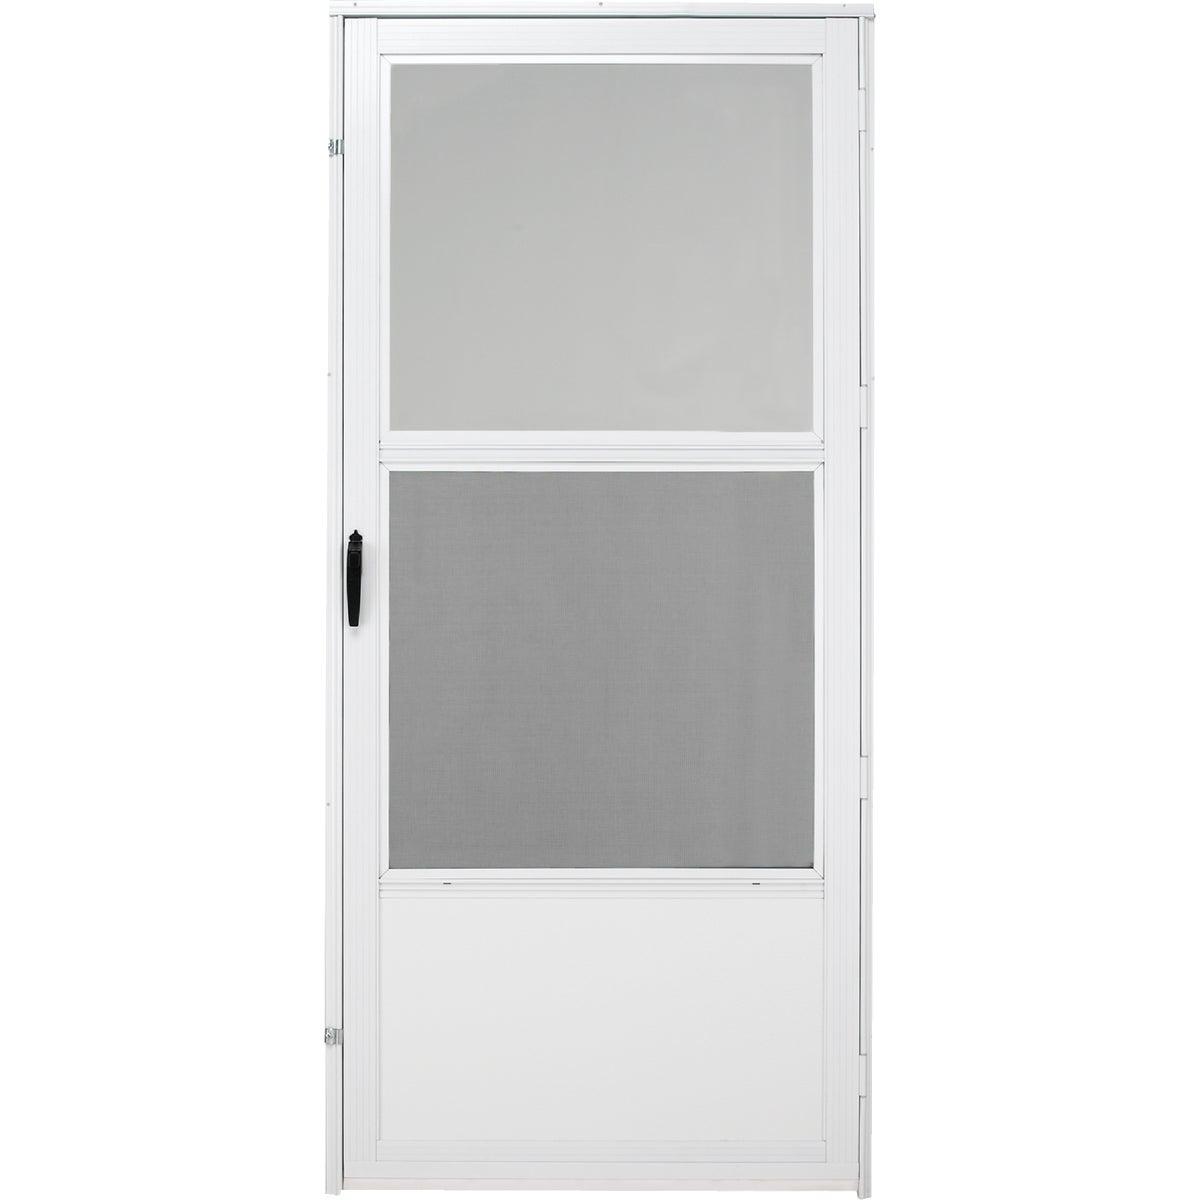 266 2868 RH WHT DOOR